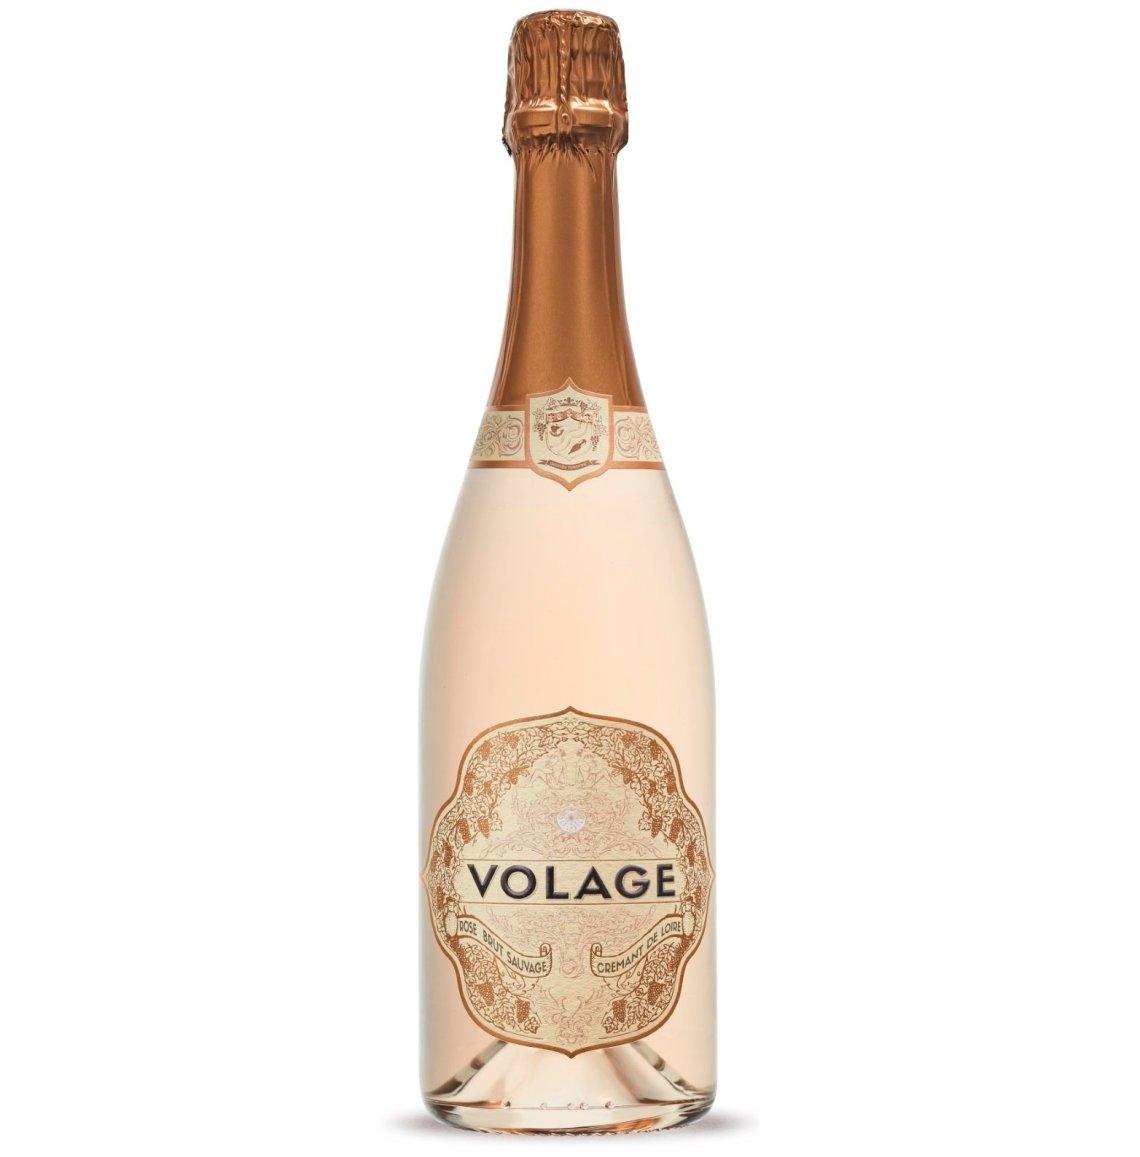 NV Volage Cremant de Loire Rose Brut Sauvage